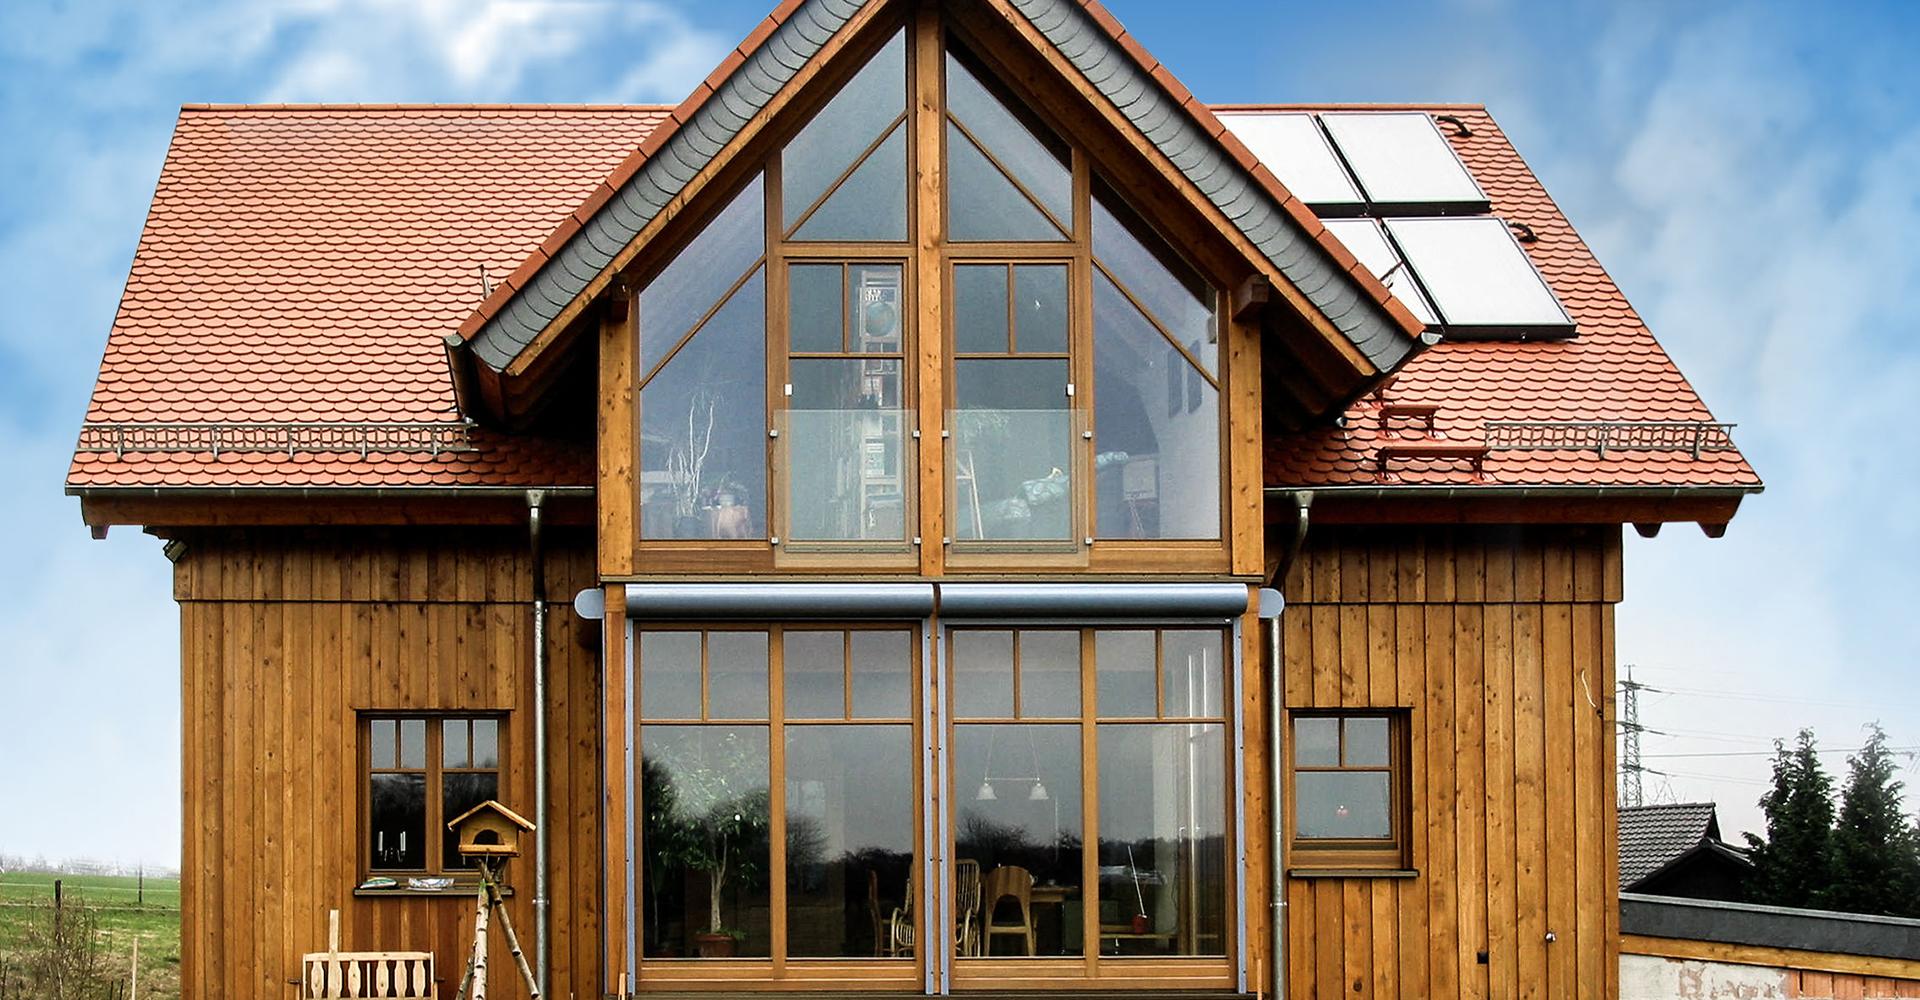 Full Size of Fenster Der Die Das Deutschlandsberg Deutschland Schweiz Detail Dwg Autocad Oder Dekorieren Plissee Deko Weihnachten Selber Machen Aus Ist Schnitt Cad Fenster Fenster.de